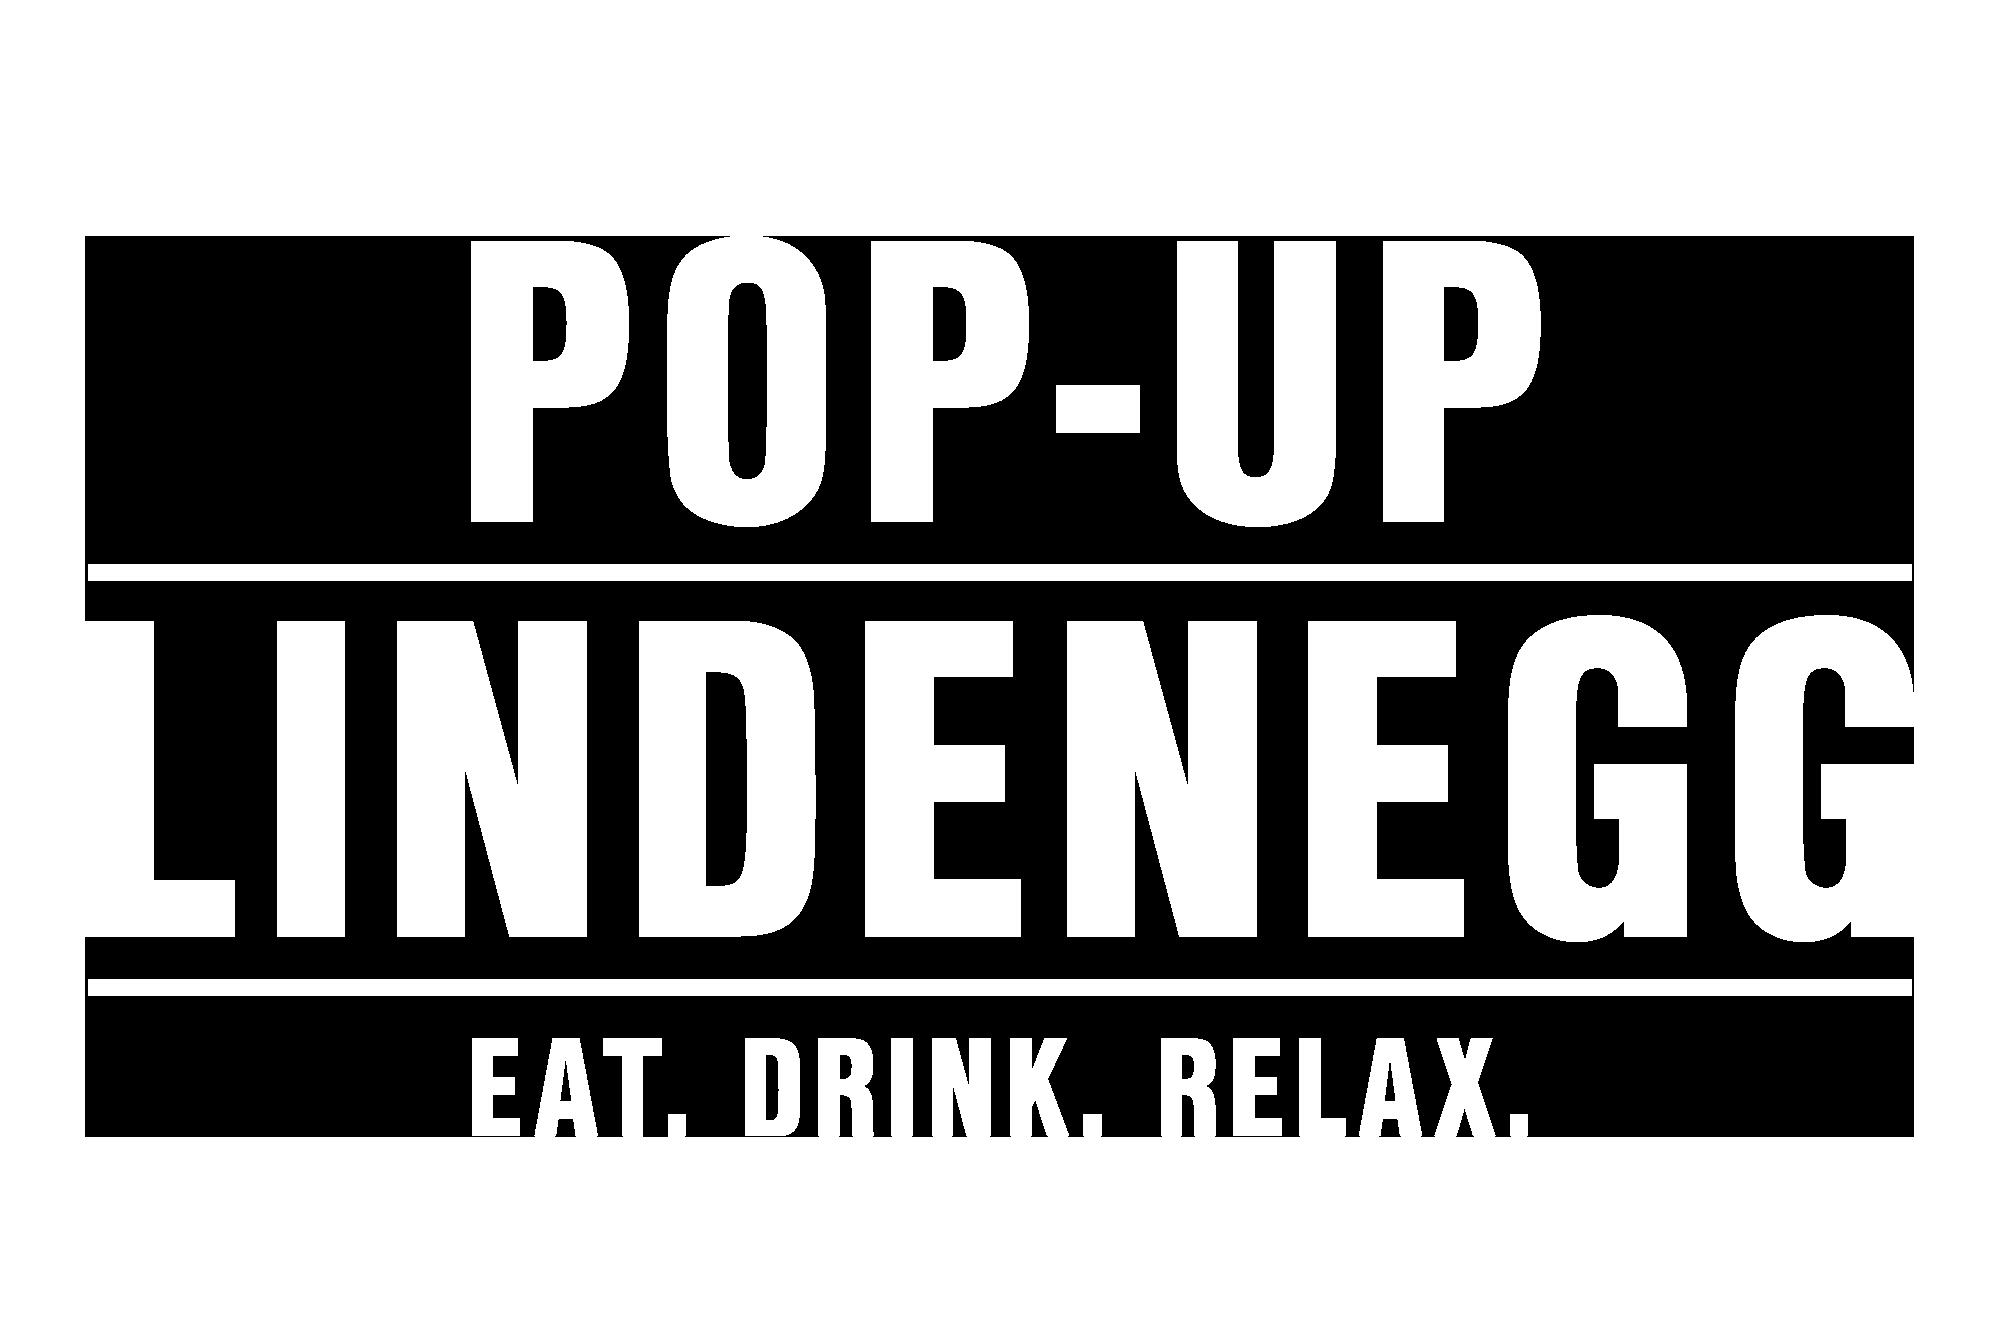 Popup Lindenegg 1